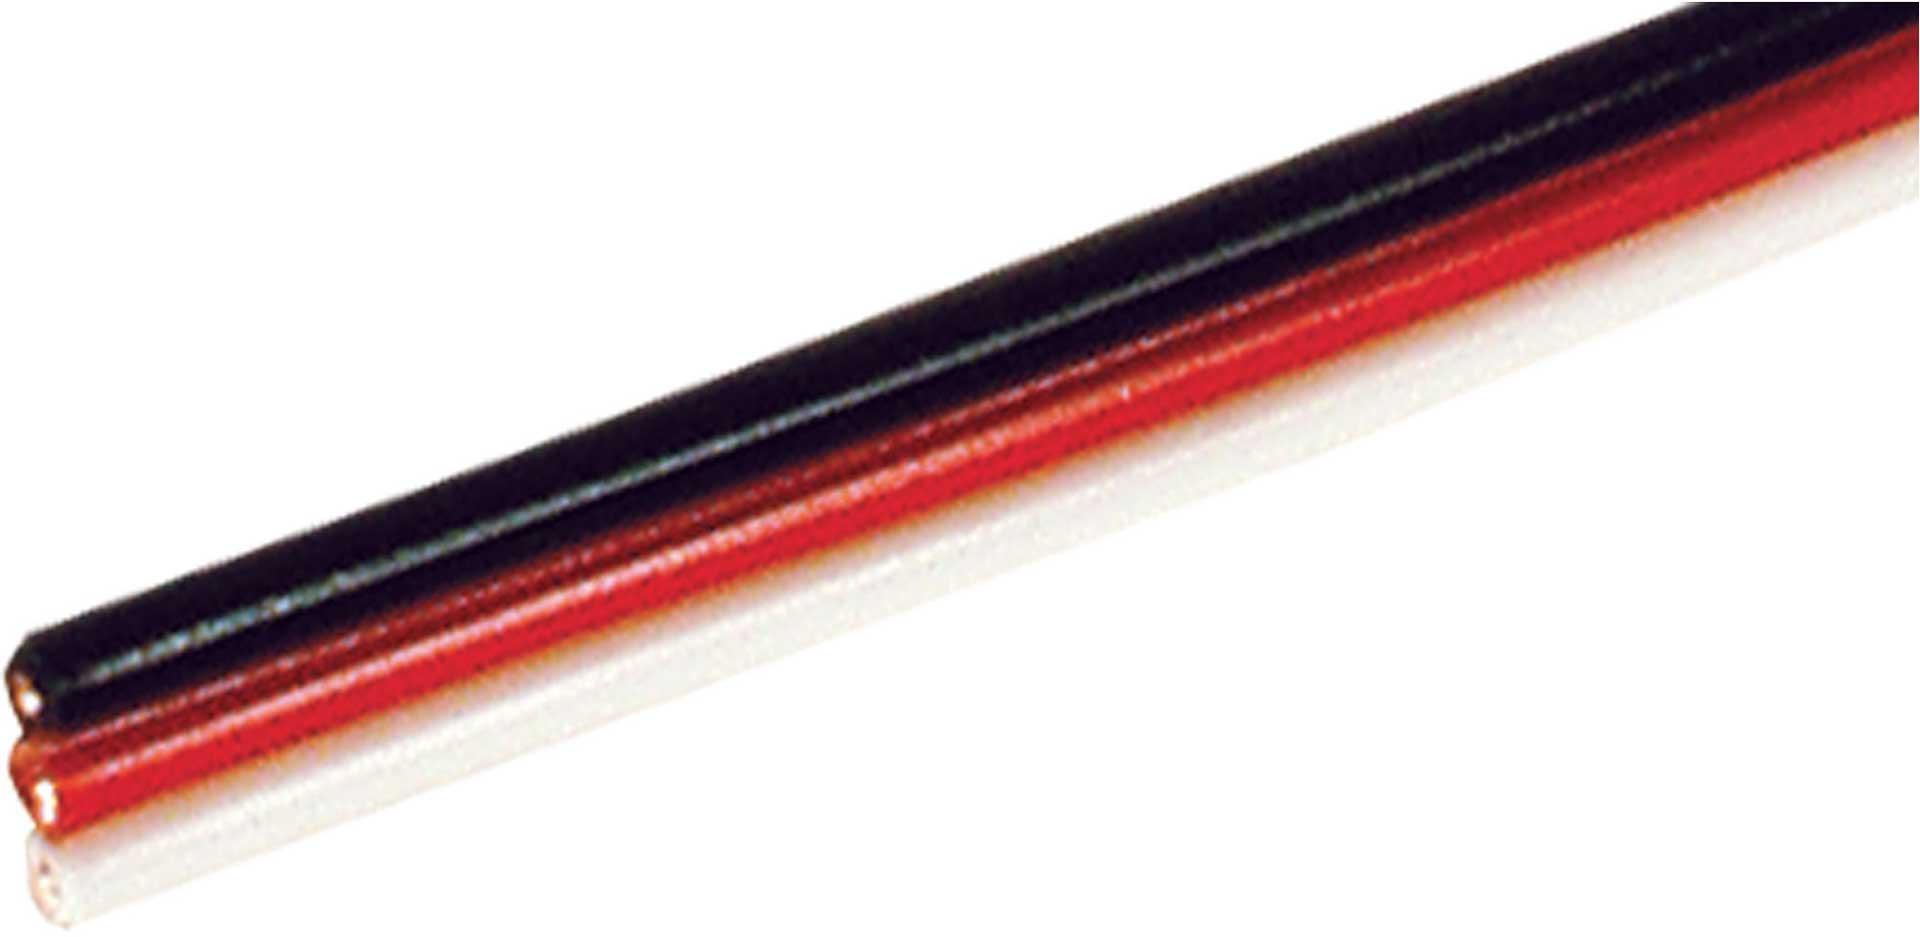 Robbe Modellsport Servokabel Futaba 10 Meter flach 0,13mm² (26AWG) PVC Meterware